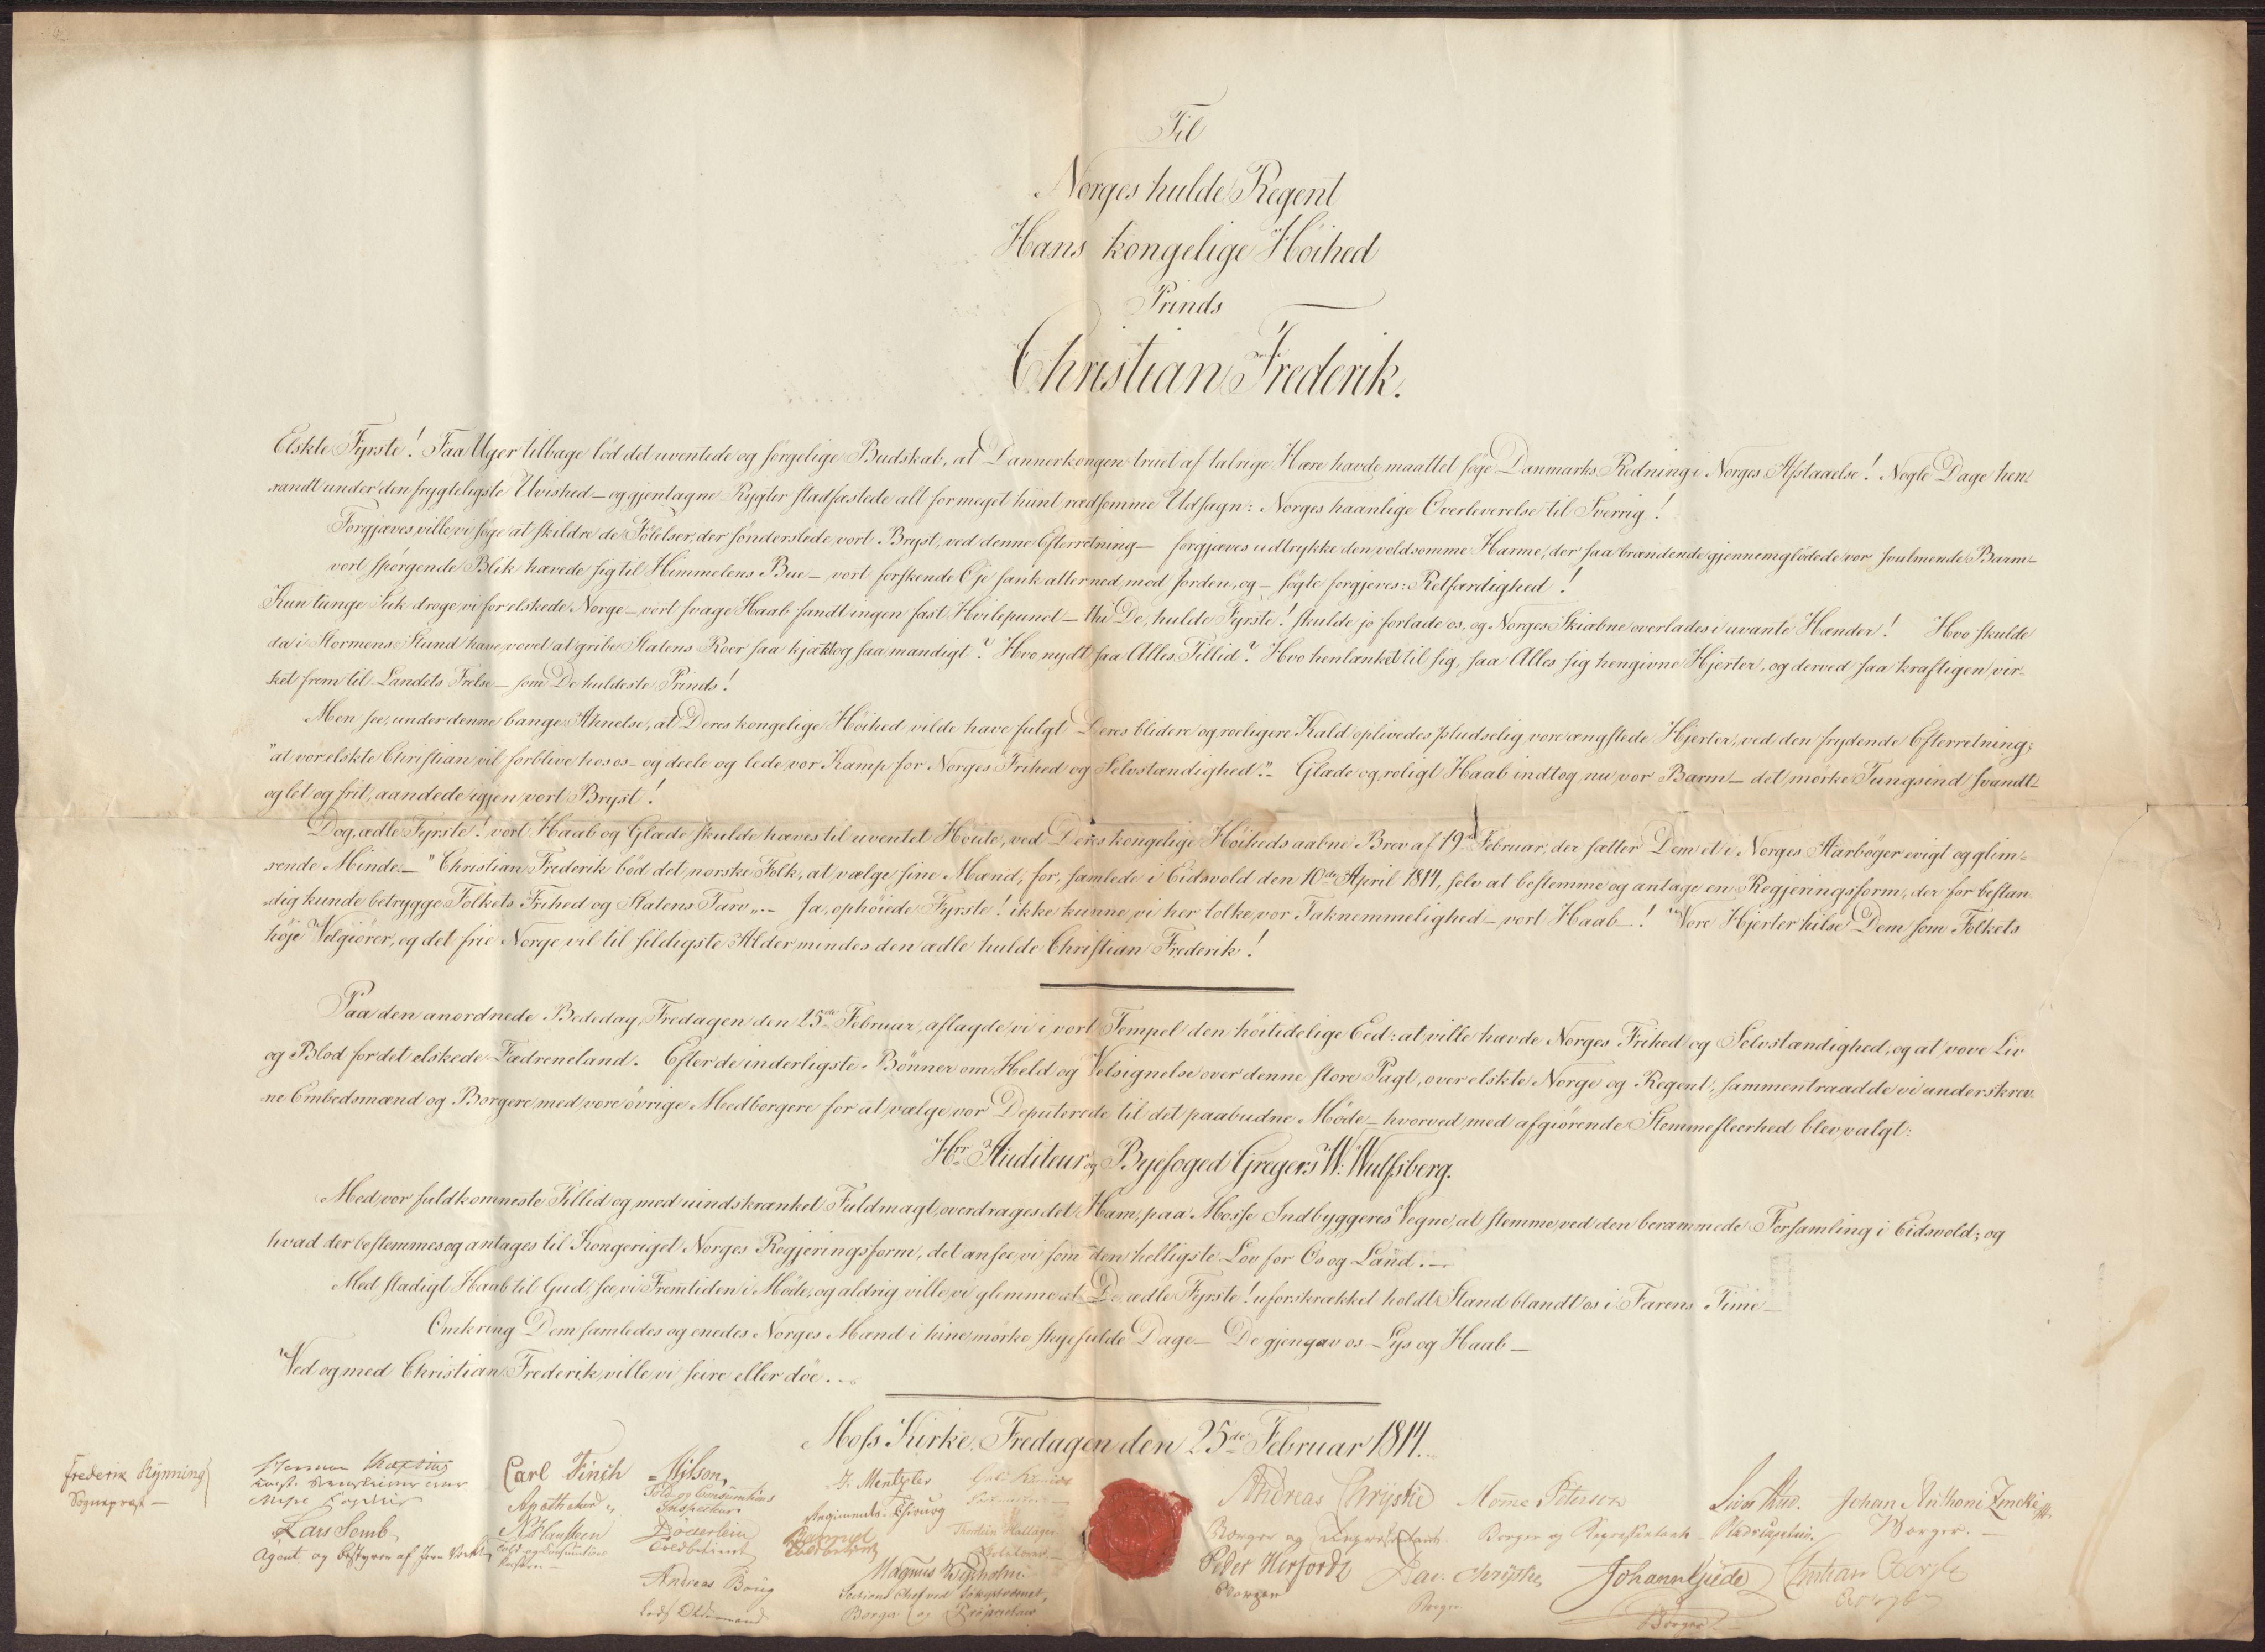 RA, Statsrådssekretariatet, D/Db/L0007: Fullmakter for Eidsvollsrepresentantene i 1814. , 1814, s. 34